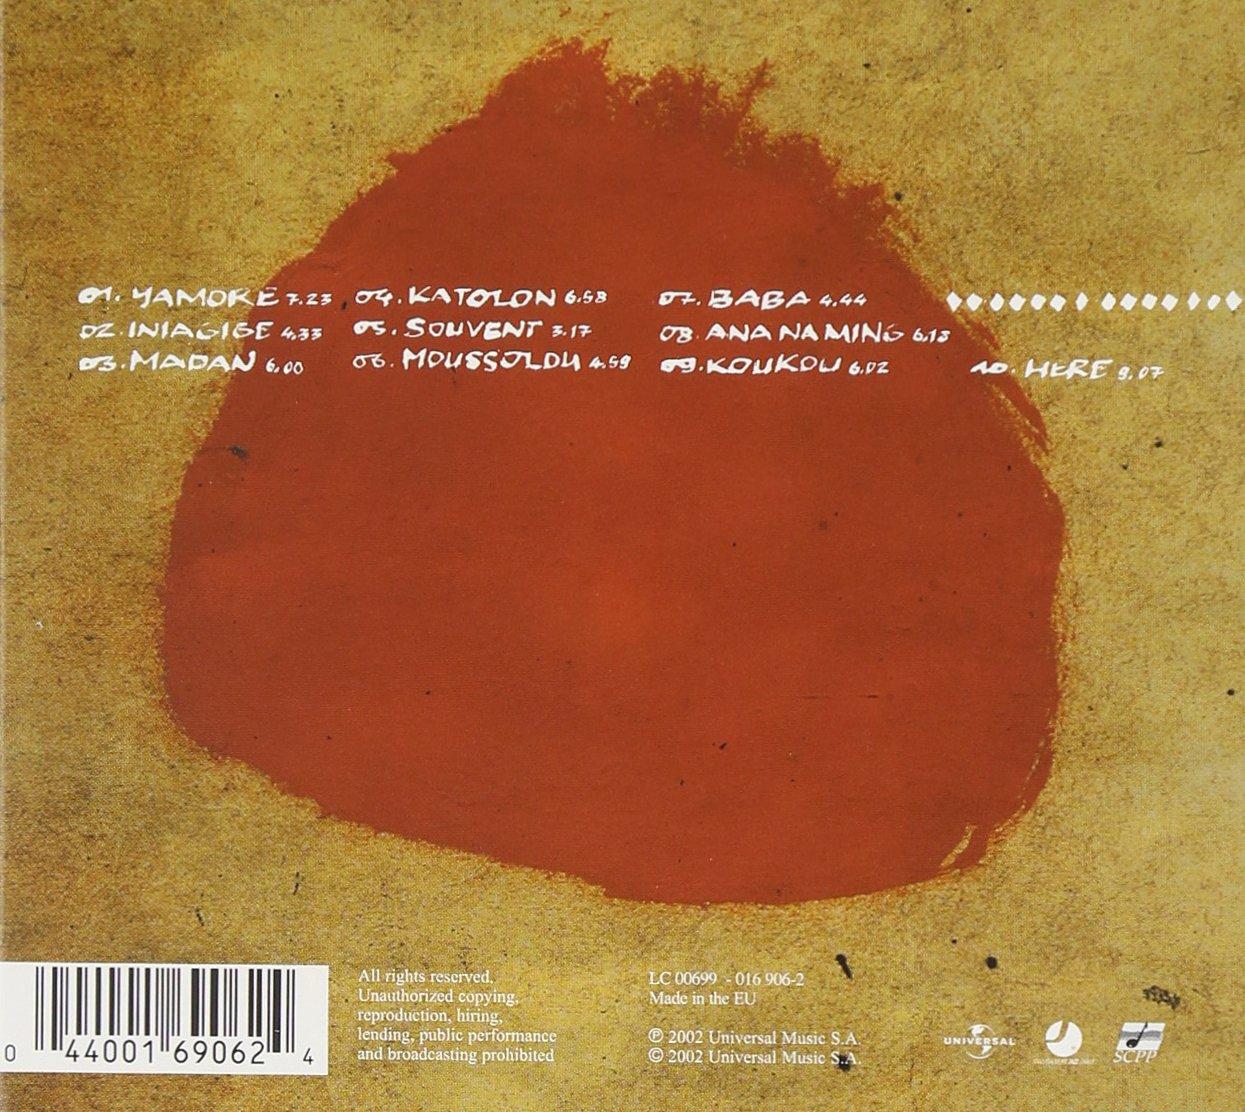 Moffou by Decca U.S.